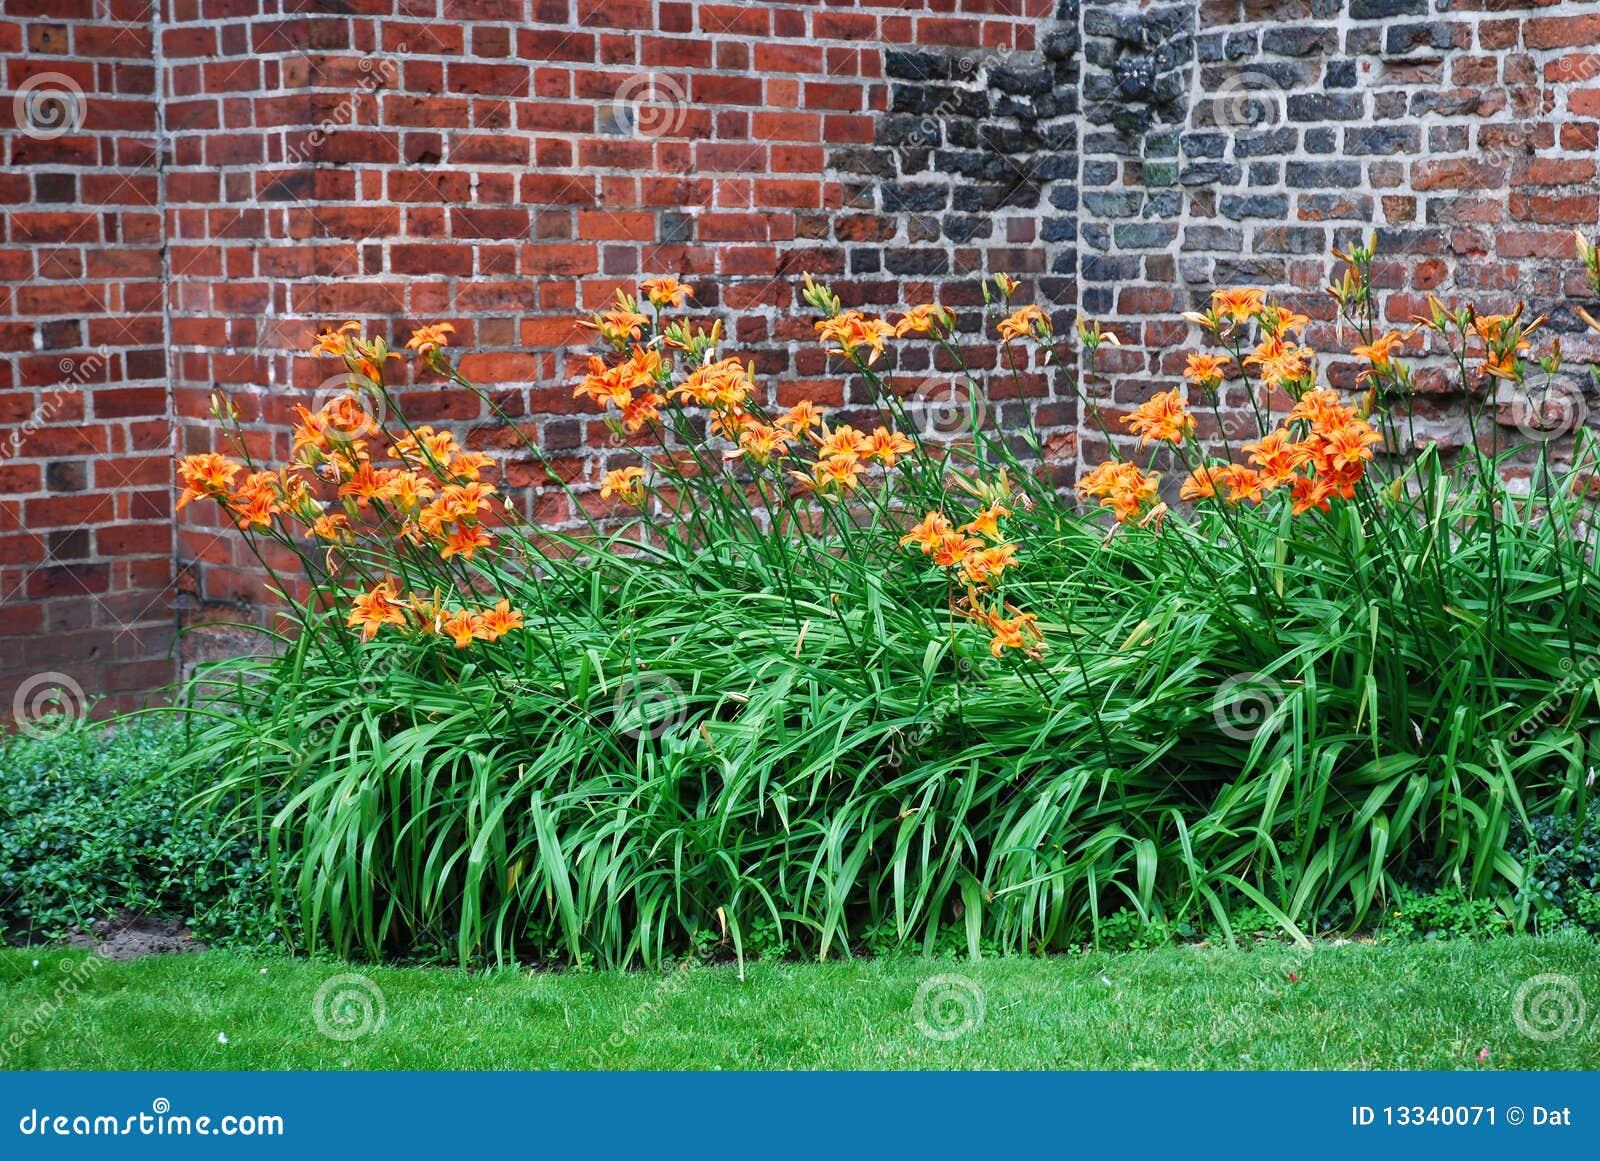 jardim fundo quintal : jardim fundo quintal:Uma vista do jardim do quintal com os lírios de dia alaranjados.